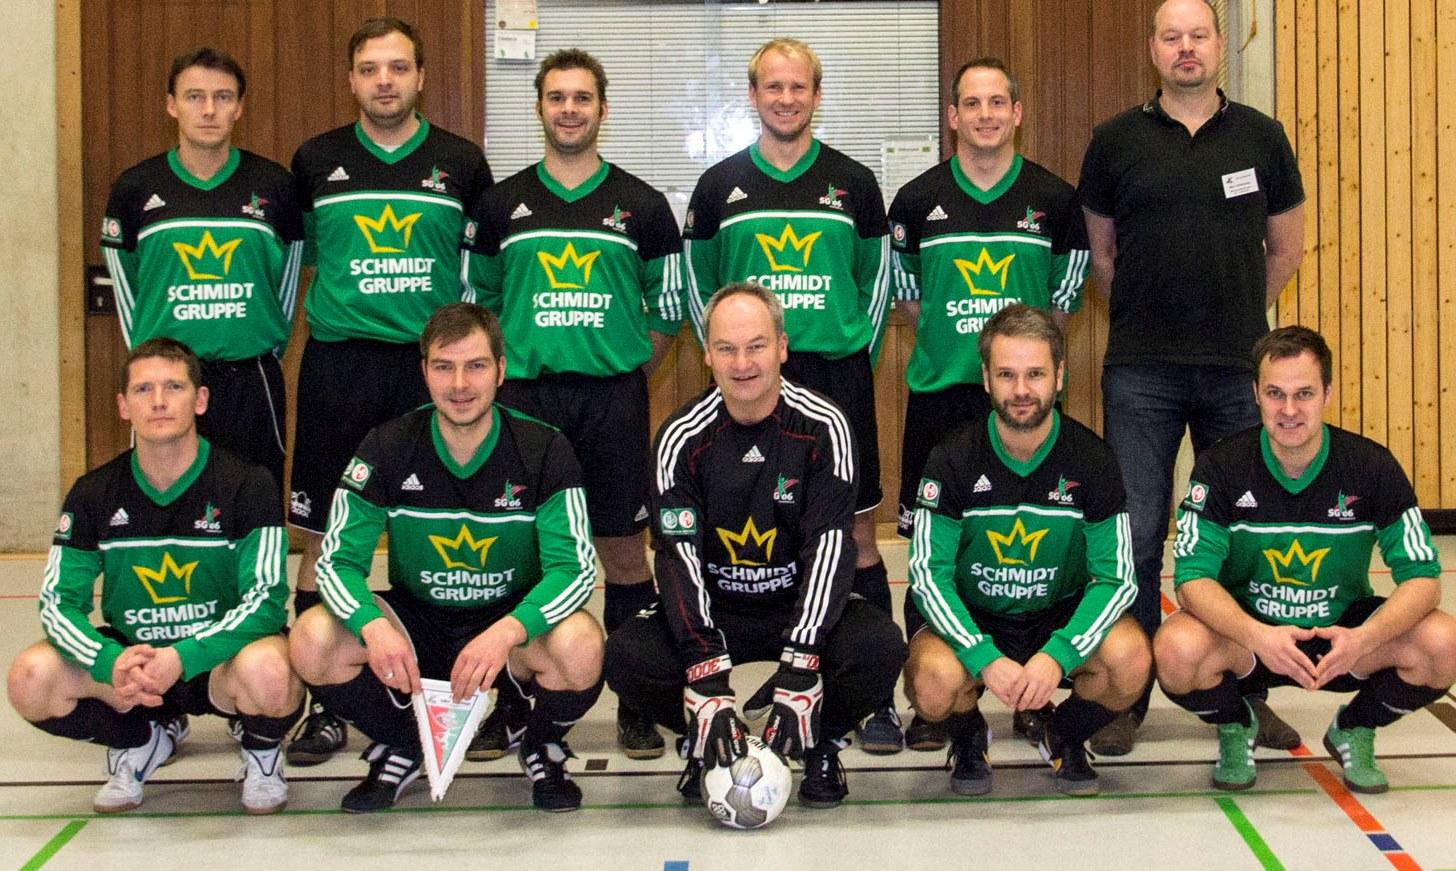 Schmidt Gruppe Coesfeld